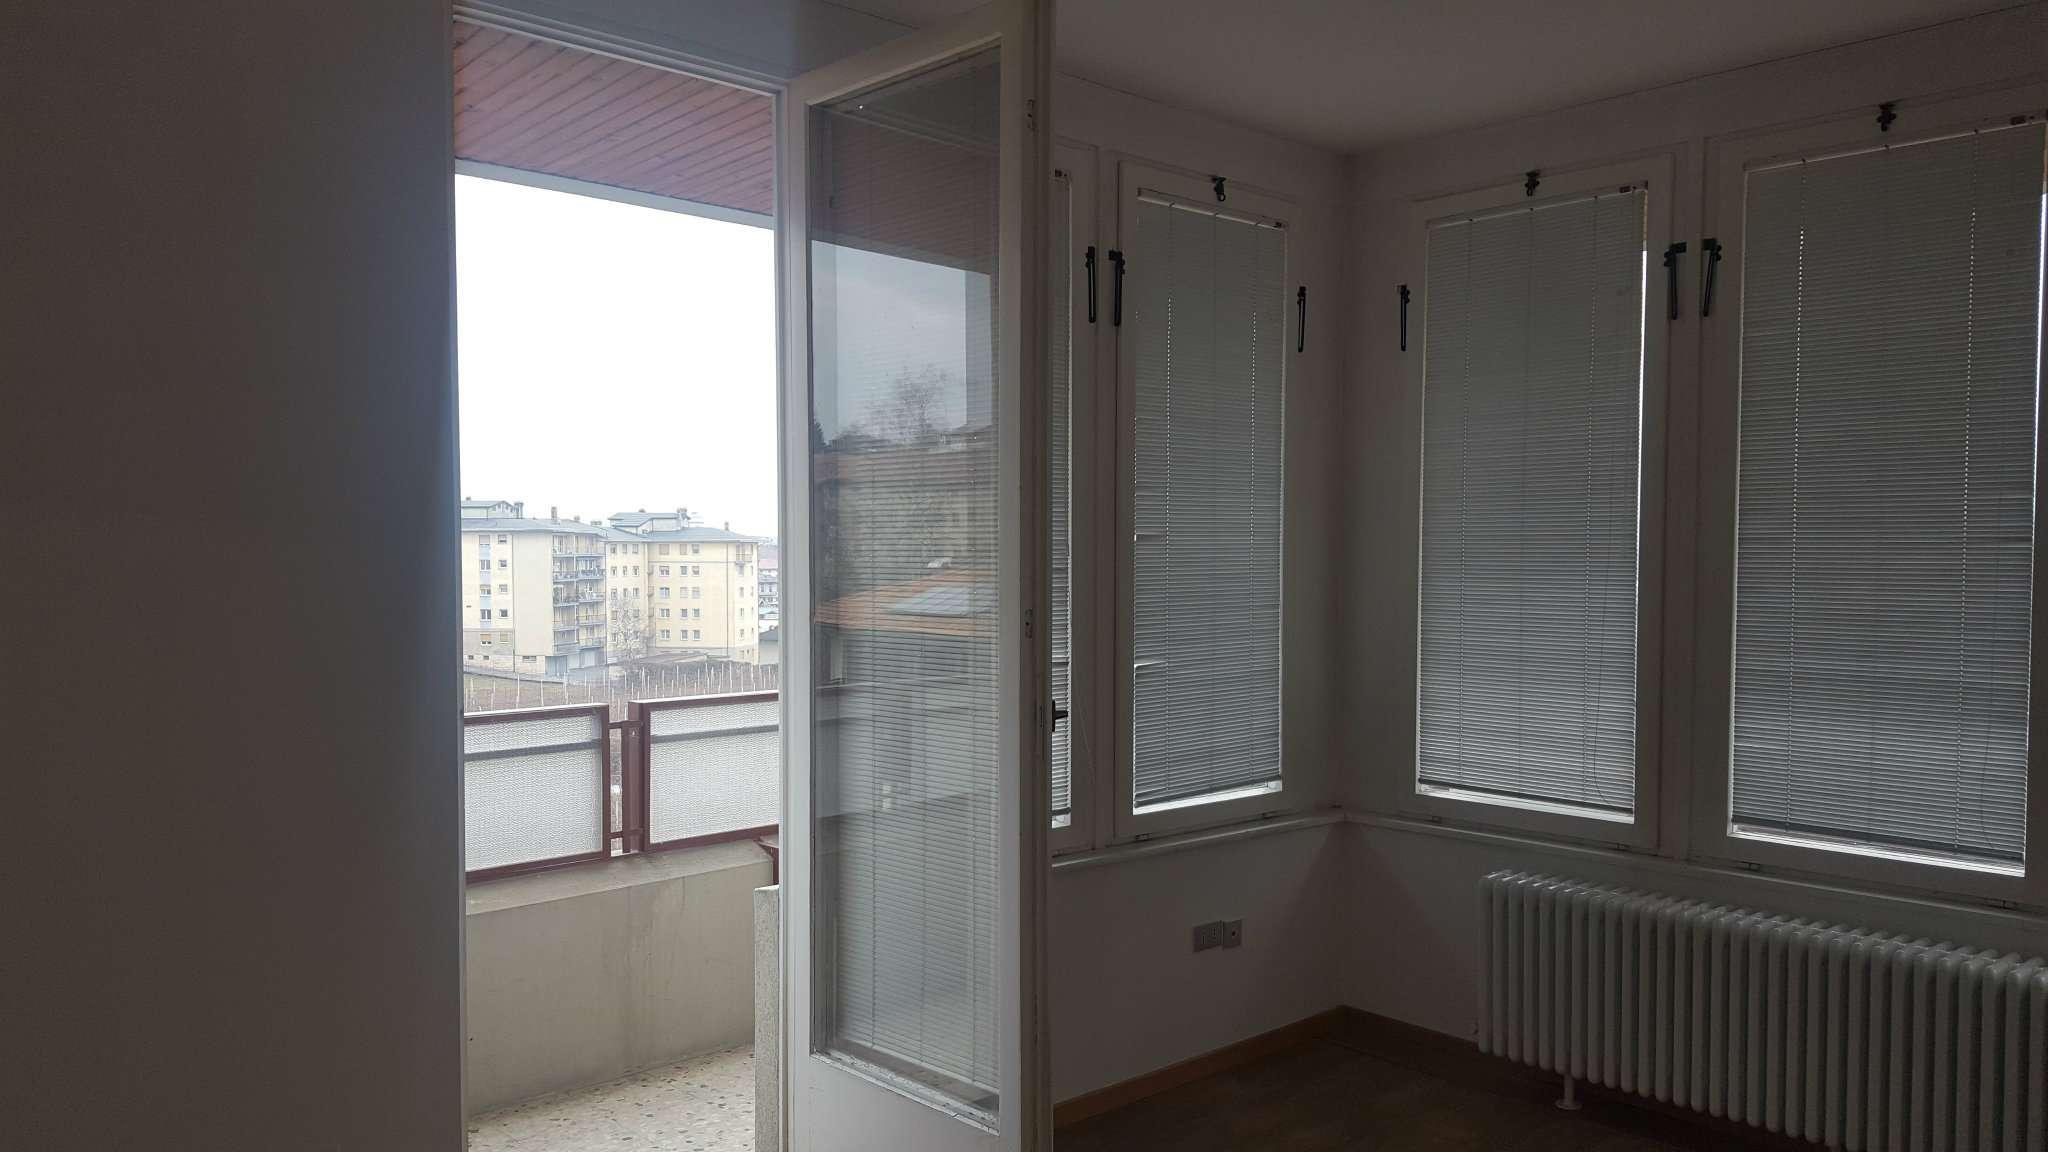 CLES centro,4 stanze,sogg,.cucina.Mq. 140.Non arredato